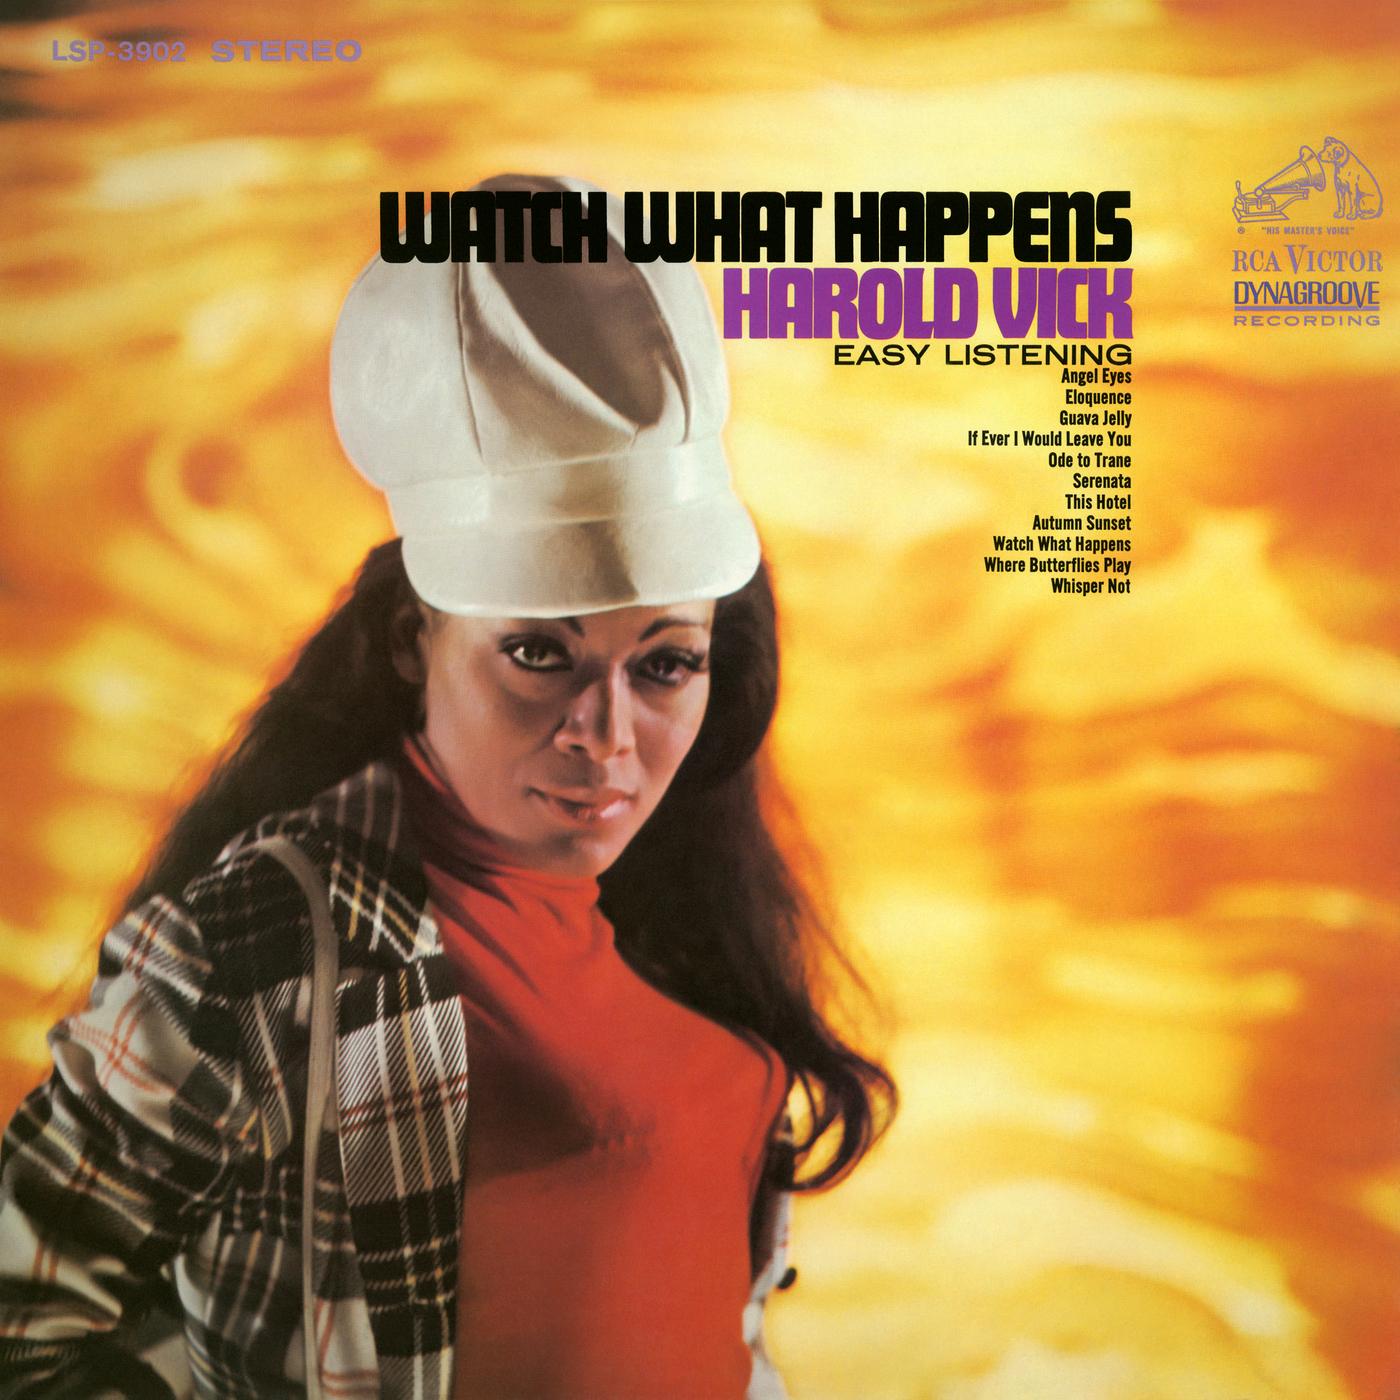 Watch What Happens - Harold Vick